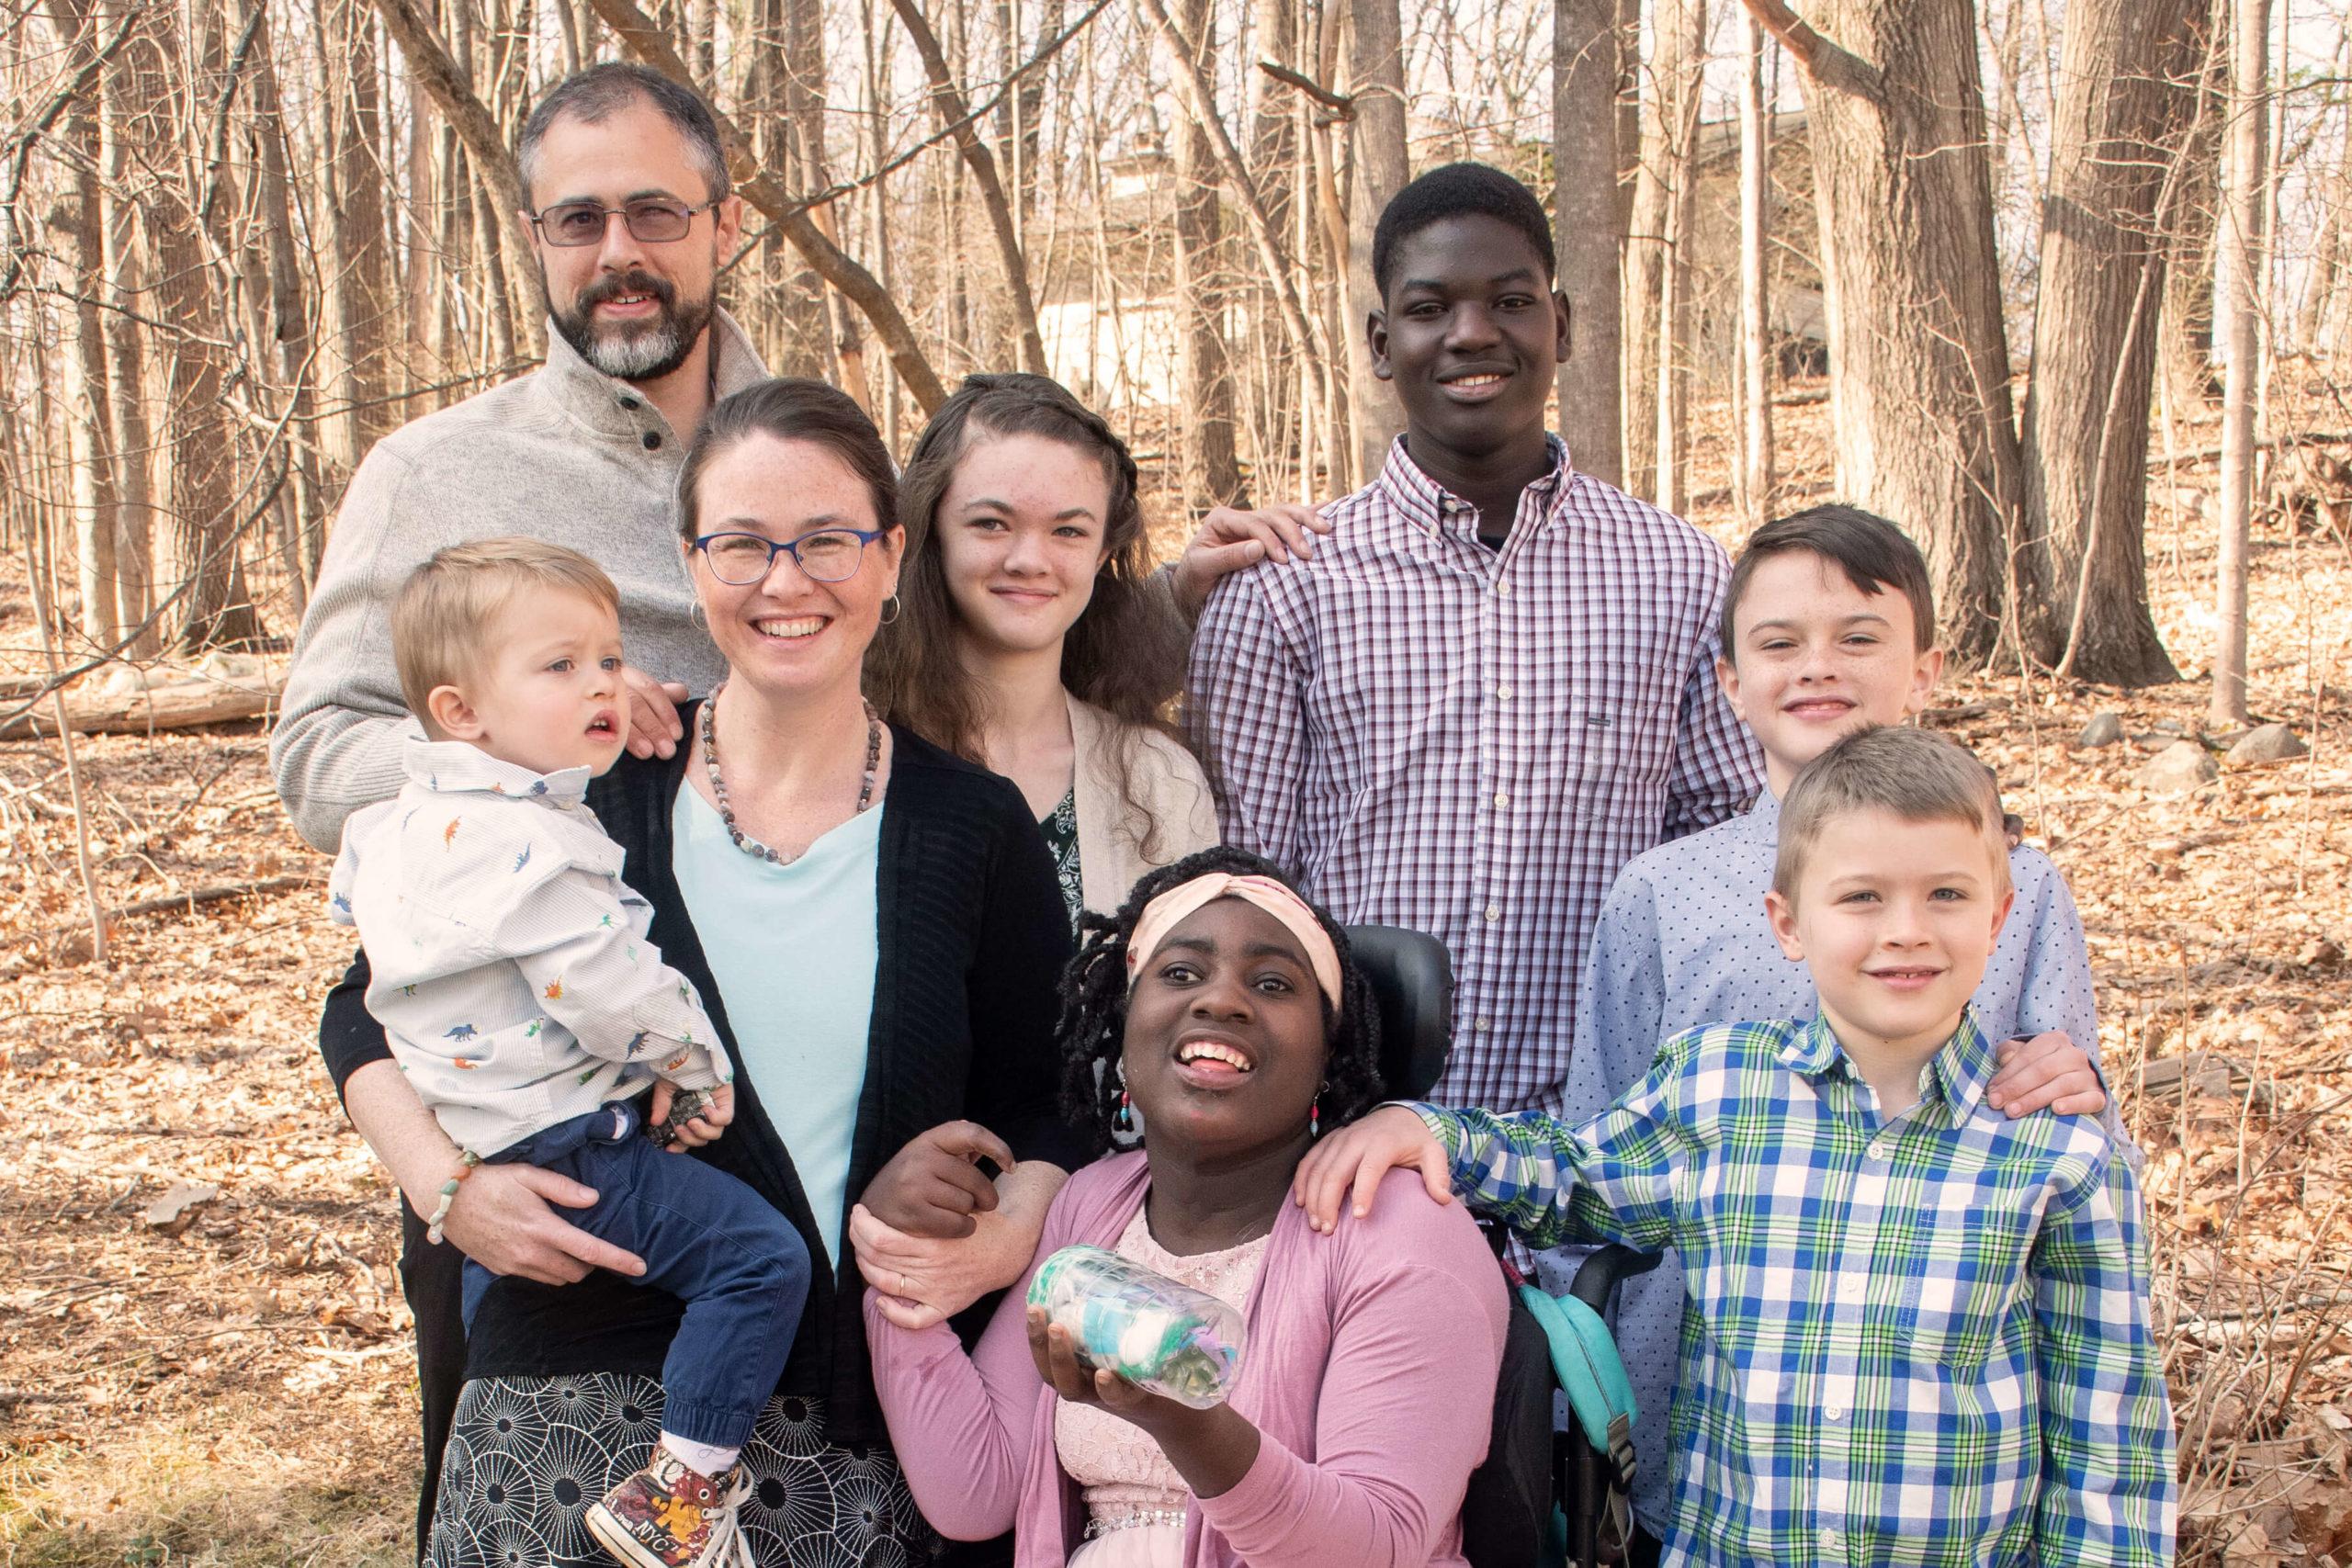 RATTIN FAMILY PHOTO 2021-2